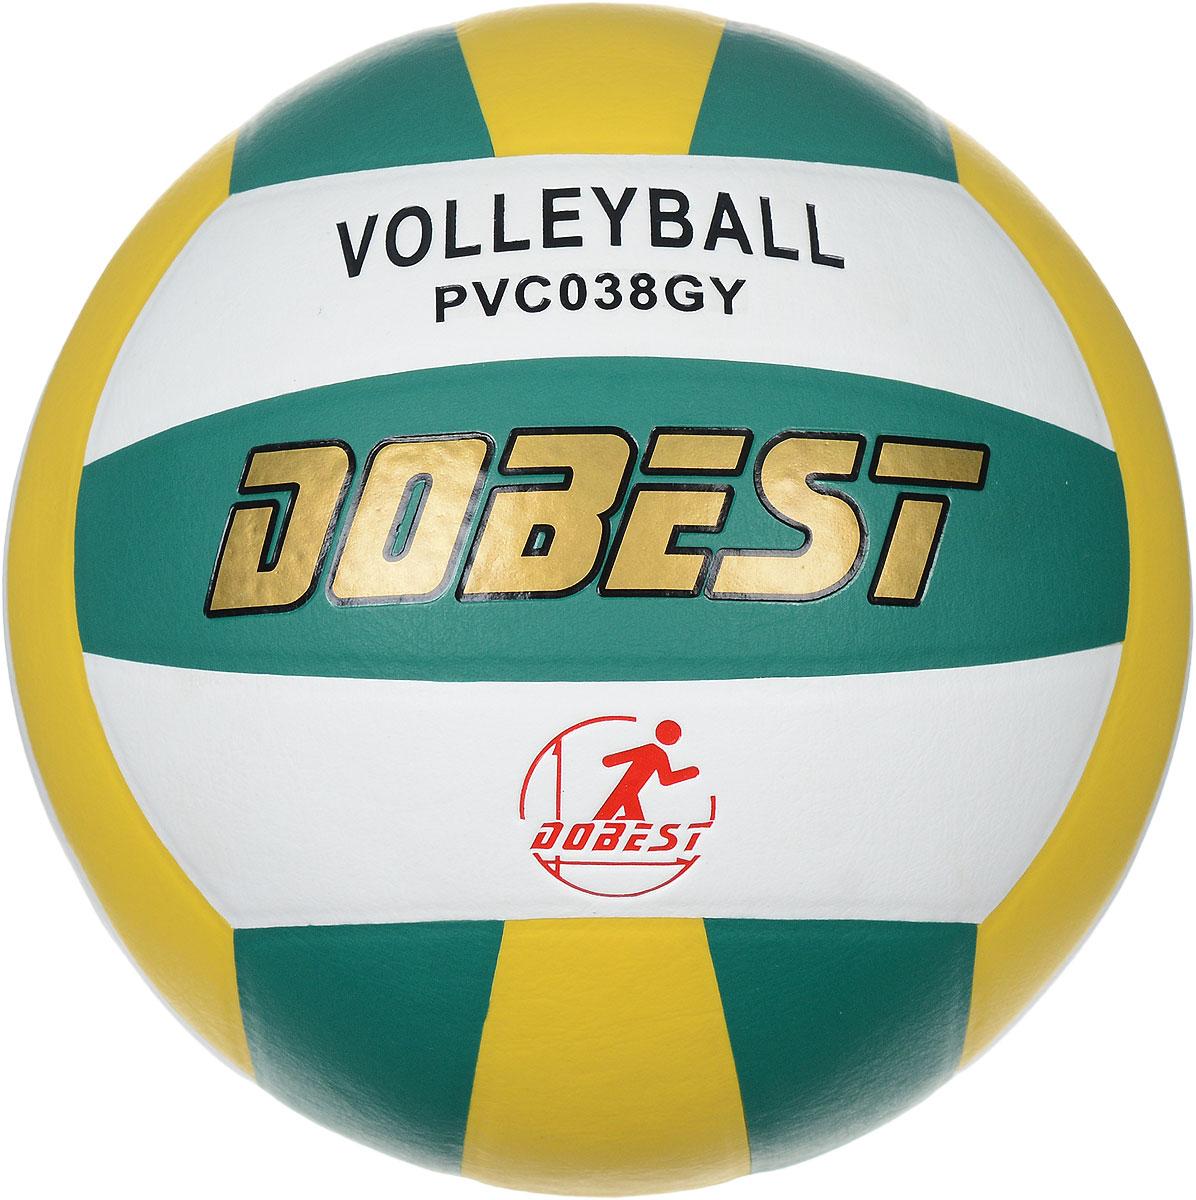 Мяч волейбольный Dobest, цвет: белый, зеленый, желтый. Размер 5PVC038Волейбольный мяч Dobest подойдет для любительской игры на улице и в зале. Изделие выполнено из прочного поливинилхлорида, камера - резина. Панели клееные.Количество панелей: 18.Количество слоев: 4.Вес: 260-280 г.УВАЖЕМЫЕ КЛИЕНТЫ!Обращаем ваше внимание на тот факт, что мяч поставляется в сдутом виде. Насос не входит в комплект.